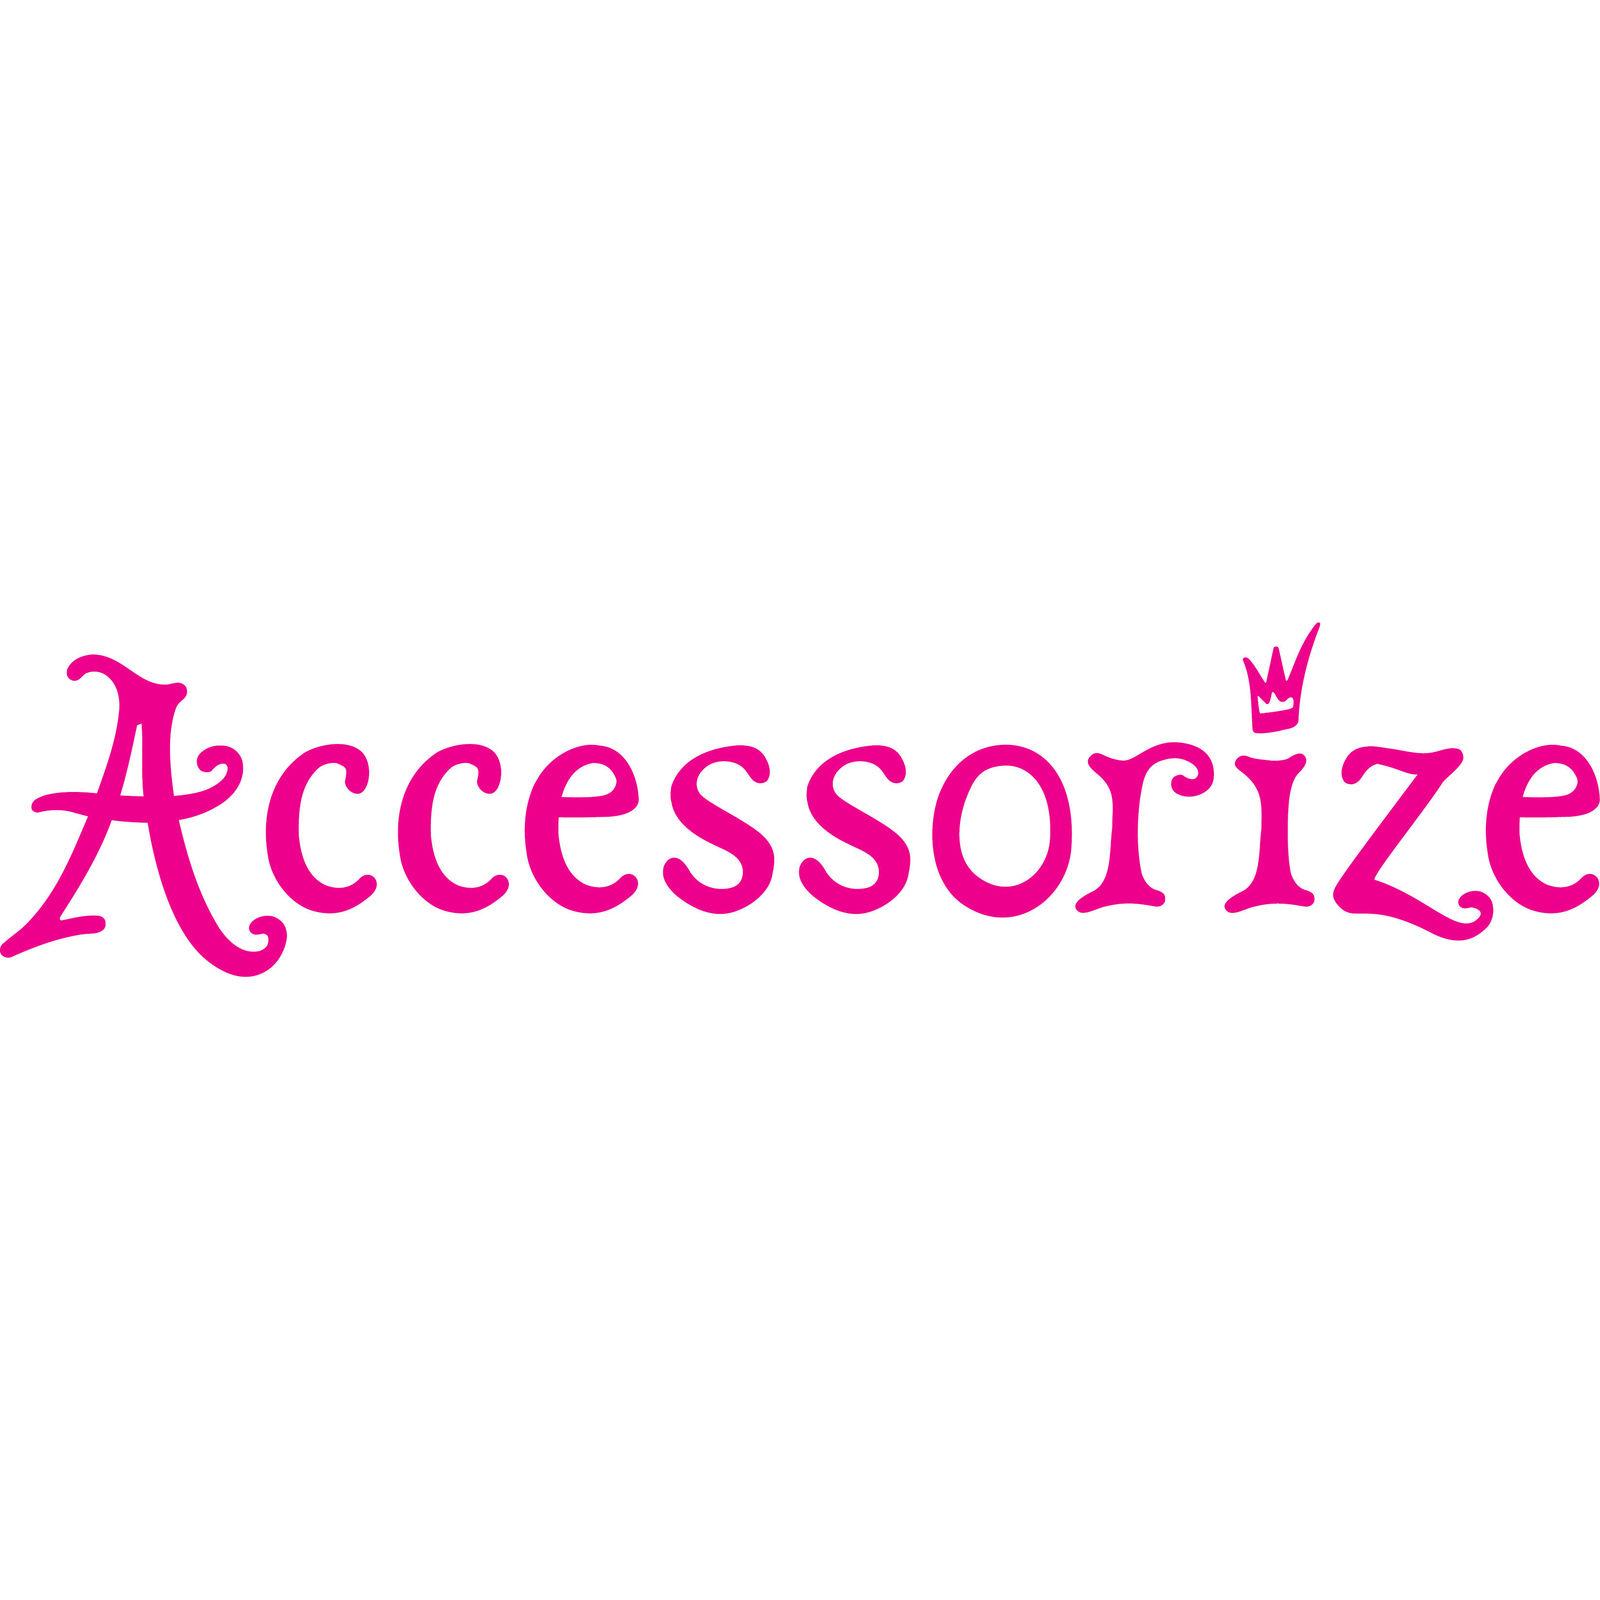 Accessorize (Bild 1)